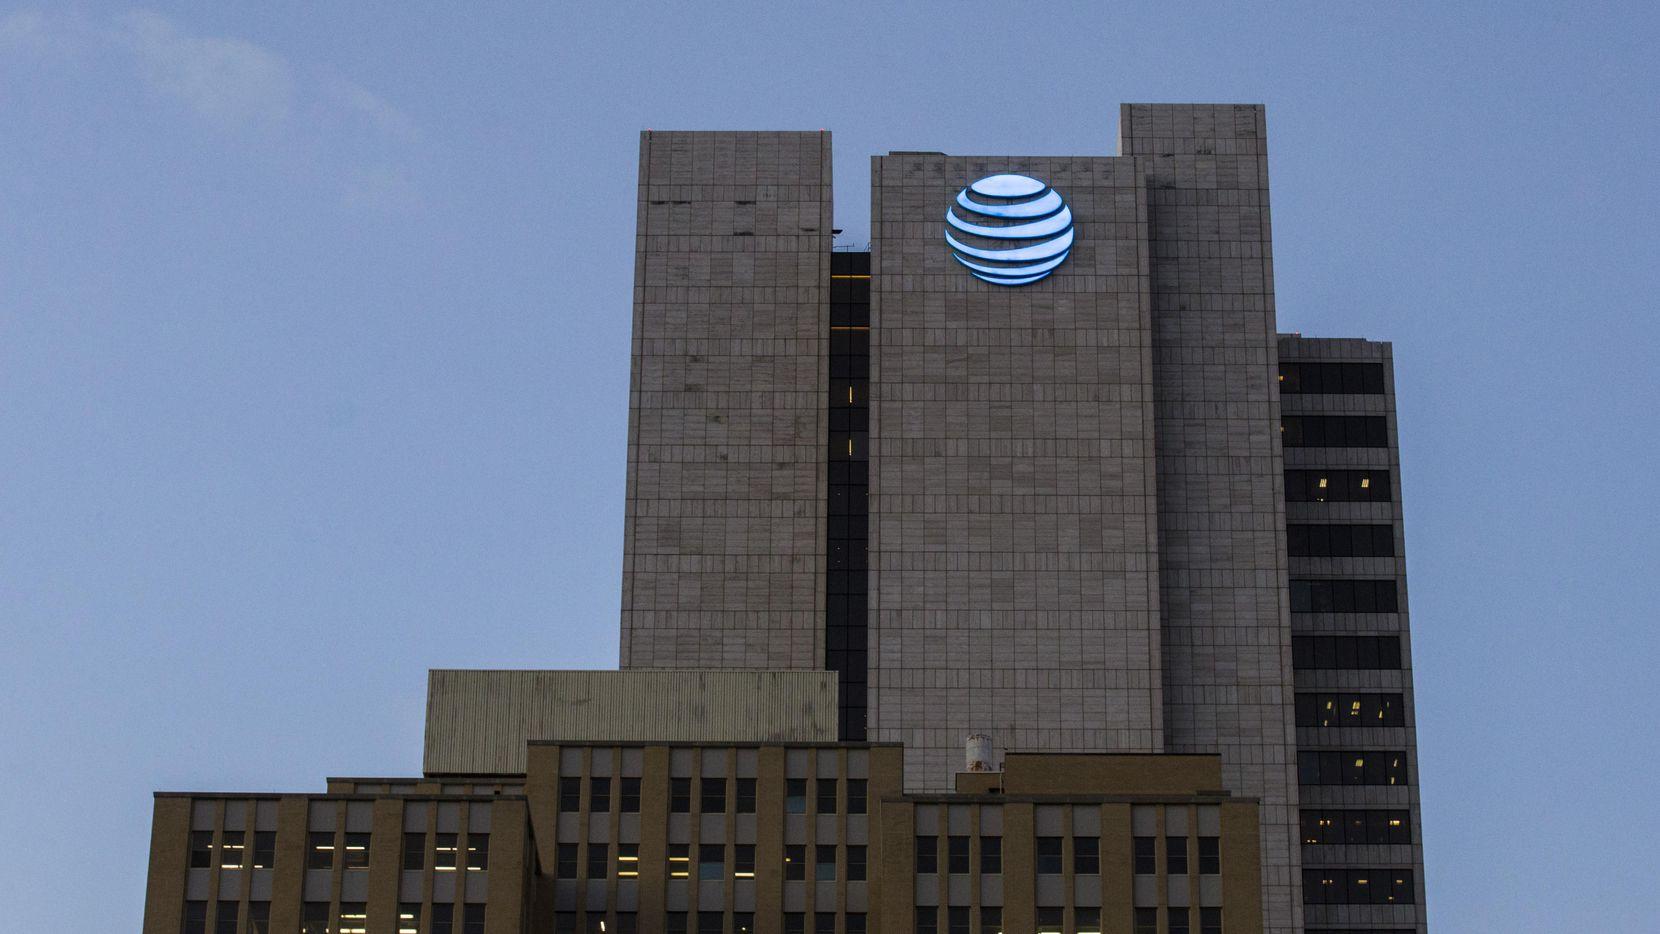 Edificio sede de AT&T en el centro de Dallas. (DMN/ASHLEY LANDIS)